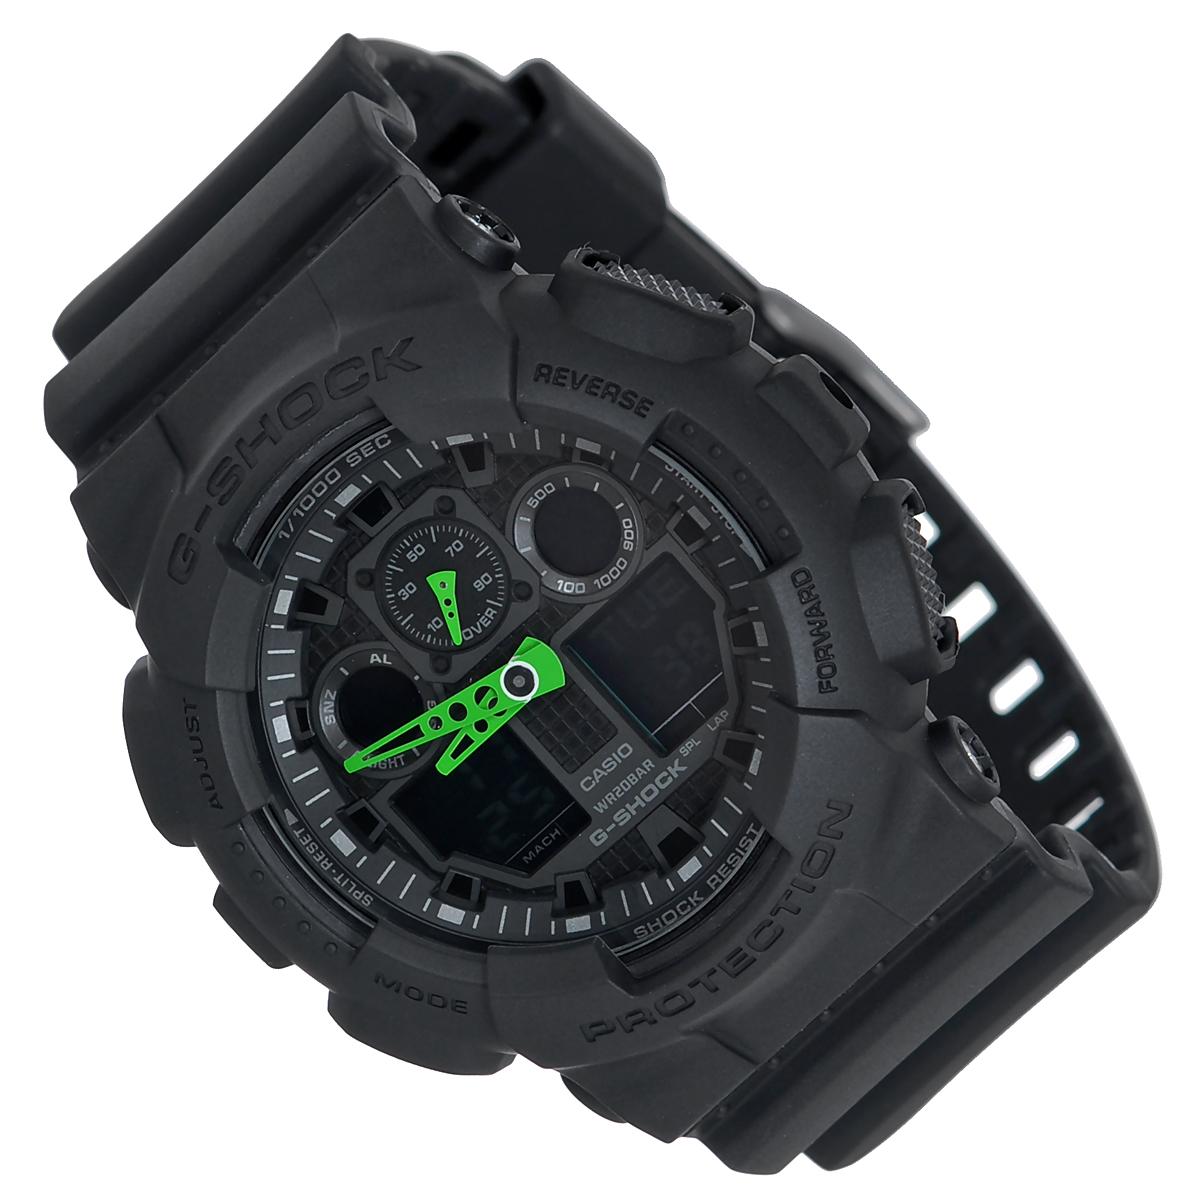 Часы мужские наручные Casio G-Shock, цвет: черный. GA-100C-1A3GA-100C-1A3Стильные часы G-Shock от японского брэнда Casio - это яркий функциональный аксессуар для современных людей, которые стремятся выделиться из толпы и подчеркнуть свою индивидуальность. Часы выполнены в спортивном стиле. Корпус имеет ударопрочную конструкцию, защищающую механизм от ударов и вибрации. Циферблат подсвечивается светодиодной автоматической подсветкой. Функция автоподсветки освещает циферблат при повороте часов к лицу. Ремешок из мягкого пластика имеет классическую застежку. Основные функции: - 5 будильников, один с функцией Snooze, ежечасный сигнал; - автоматический календарь (число, месяц, день недели, год); - сплит-хронограф; - измерение скорости и расстояния; - секундомер с точностью показаний 1/1000 с, время измерения 100 часов; - 12-ти и 24-х часовой формат времени; - таймер обратного отсчета от 1 мин до 24 ч с автоповтором; - мировое время. ...